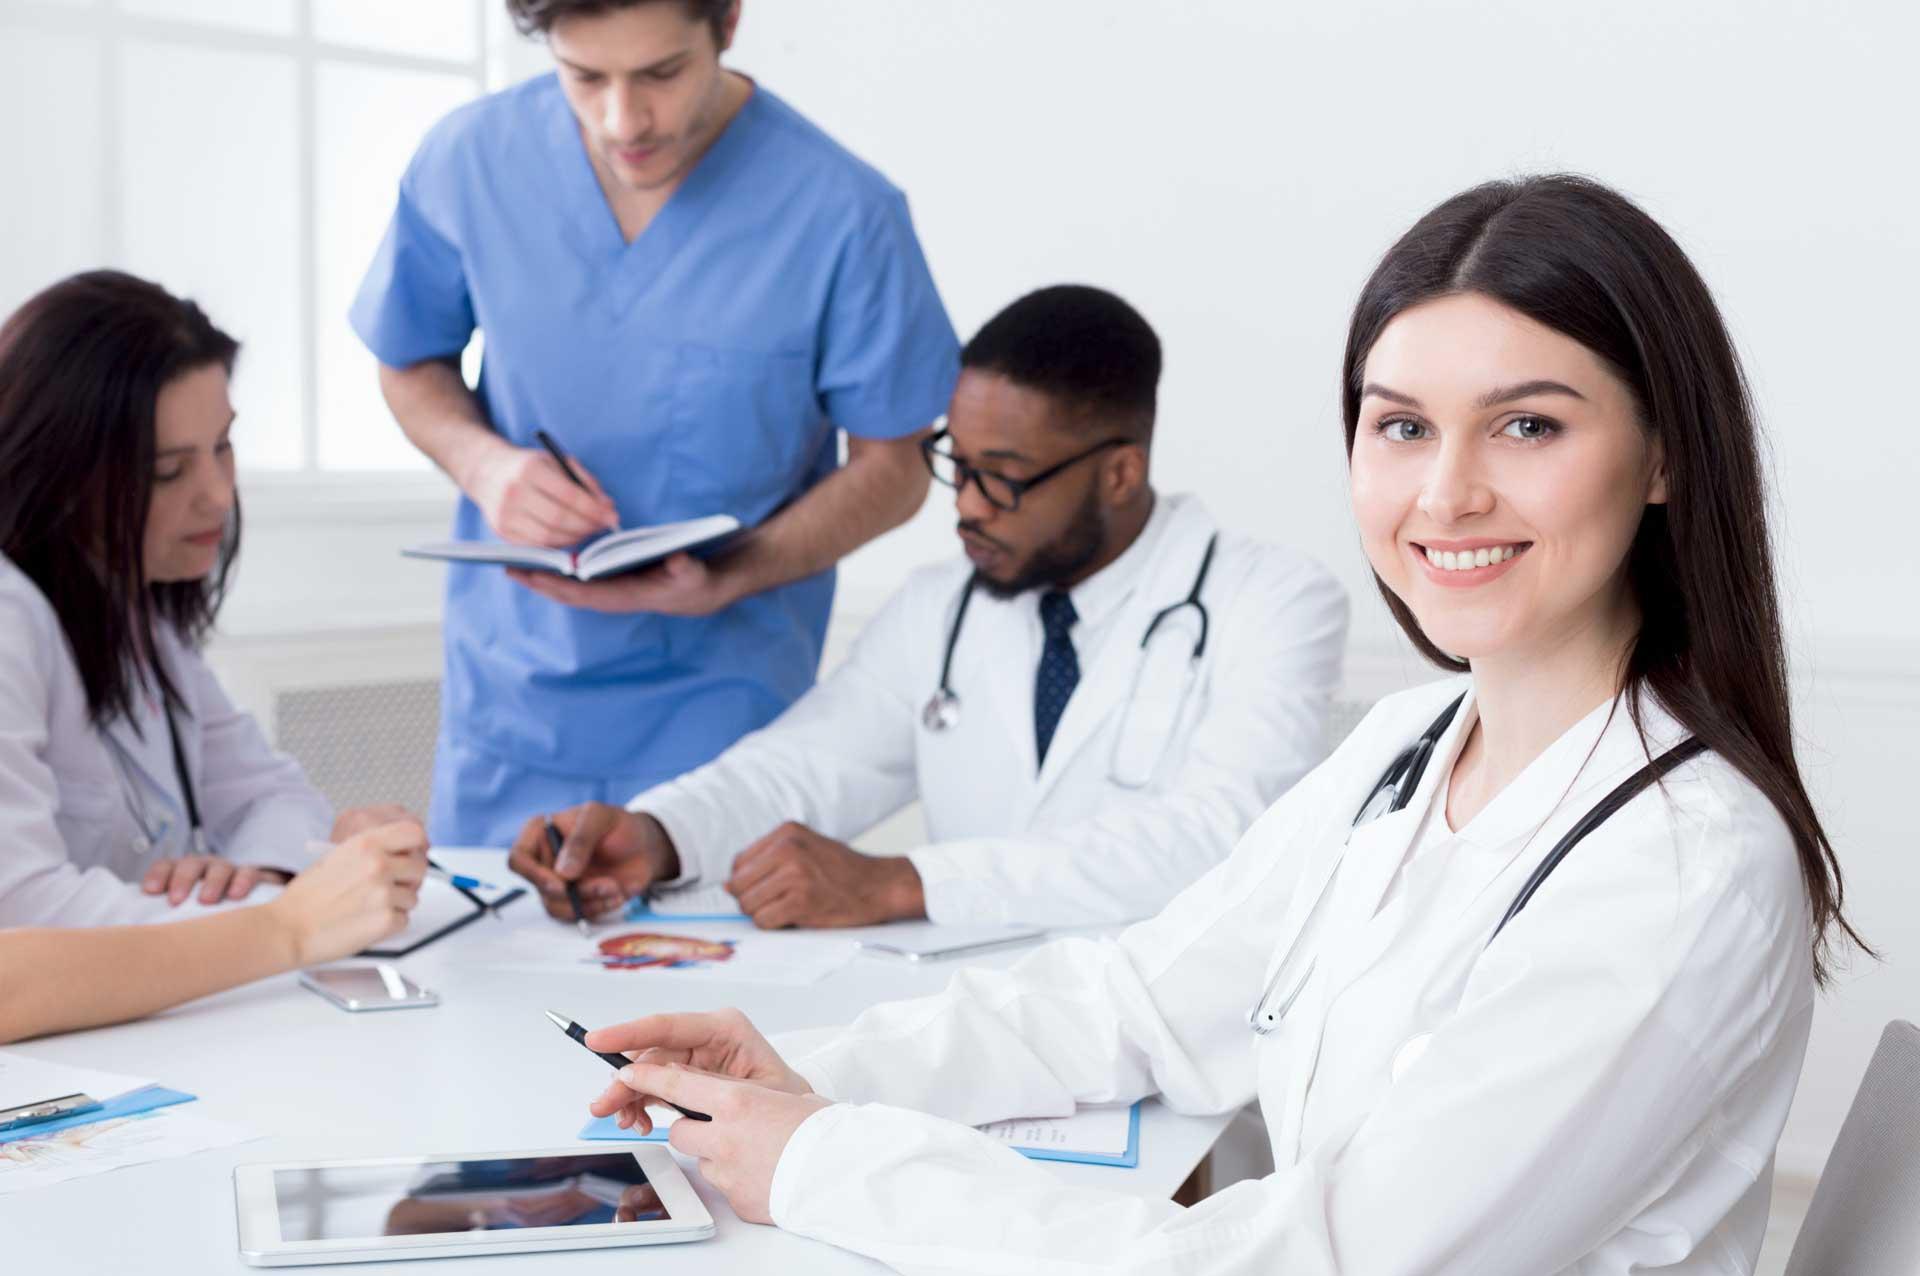 Sesión clínica sobre revisión de fármacos para el glaucoma